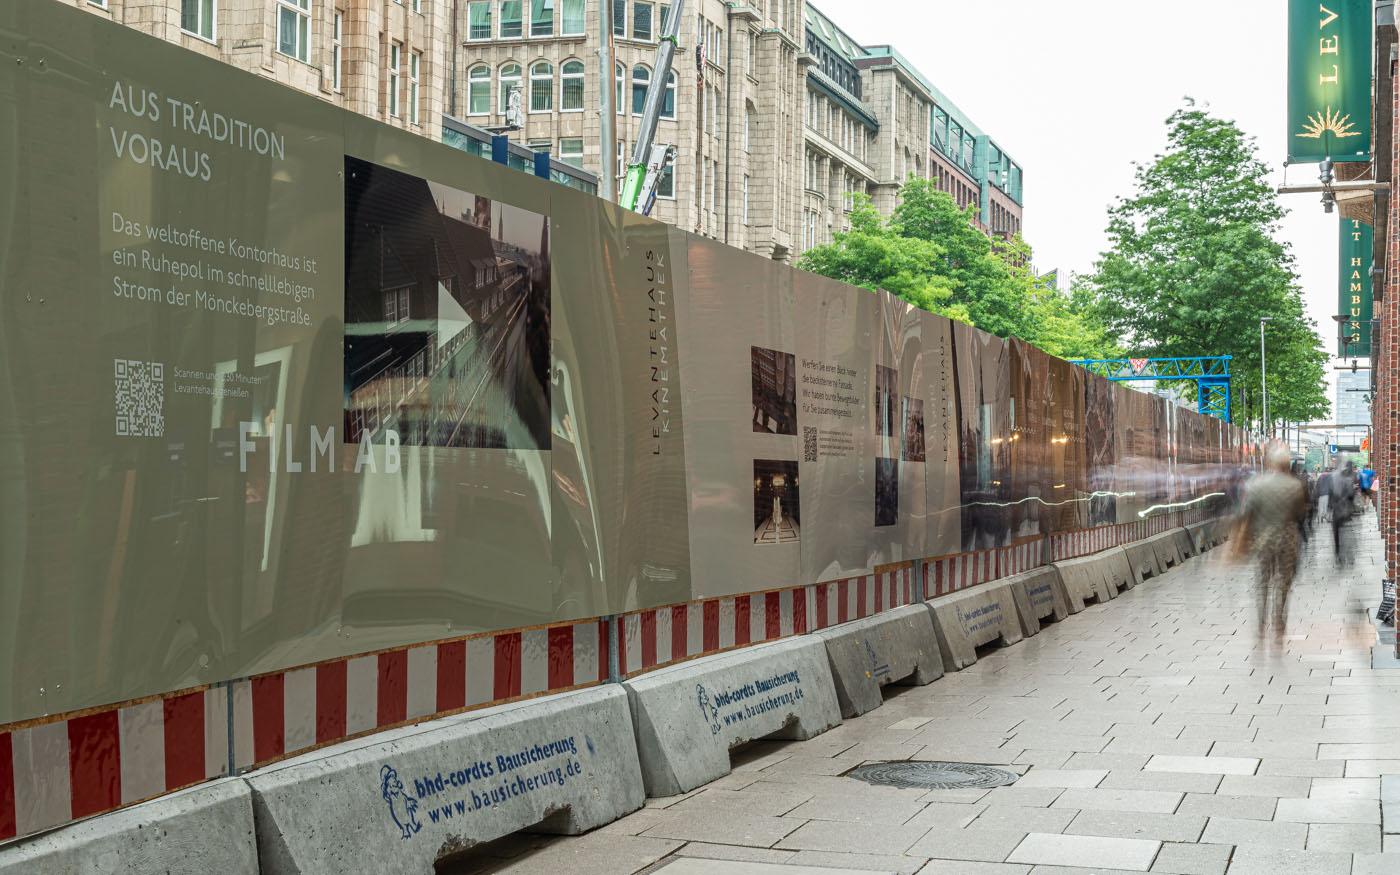 Bauzaunverkleidung an einer U-Bahn-Baustelle in Hamburg, Seitenansicht